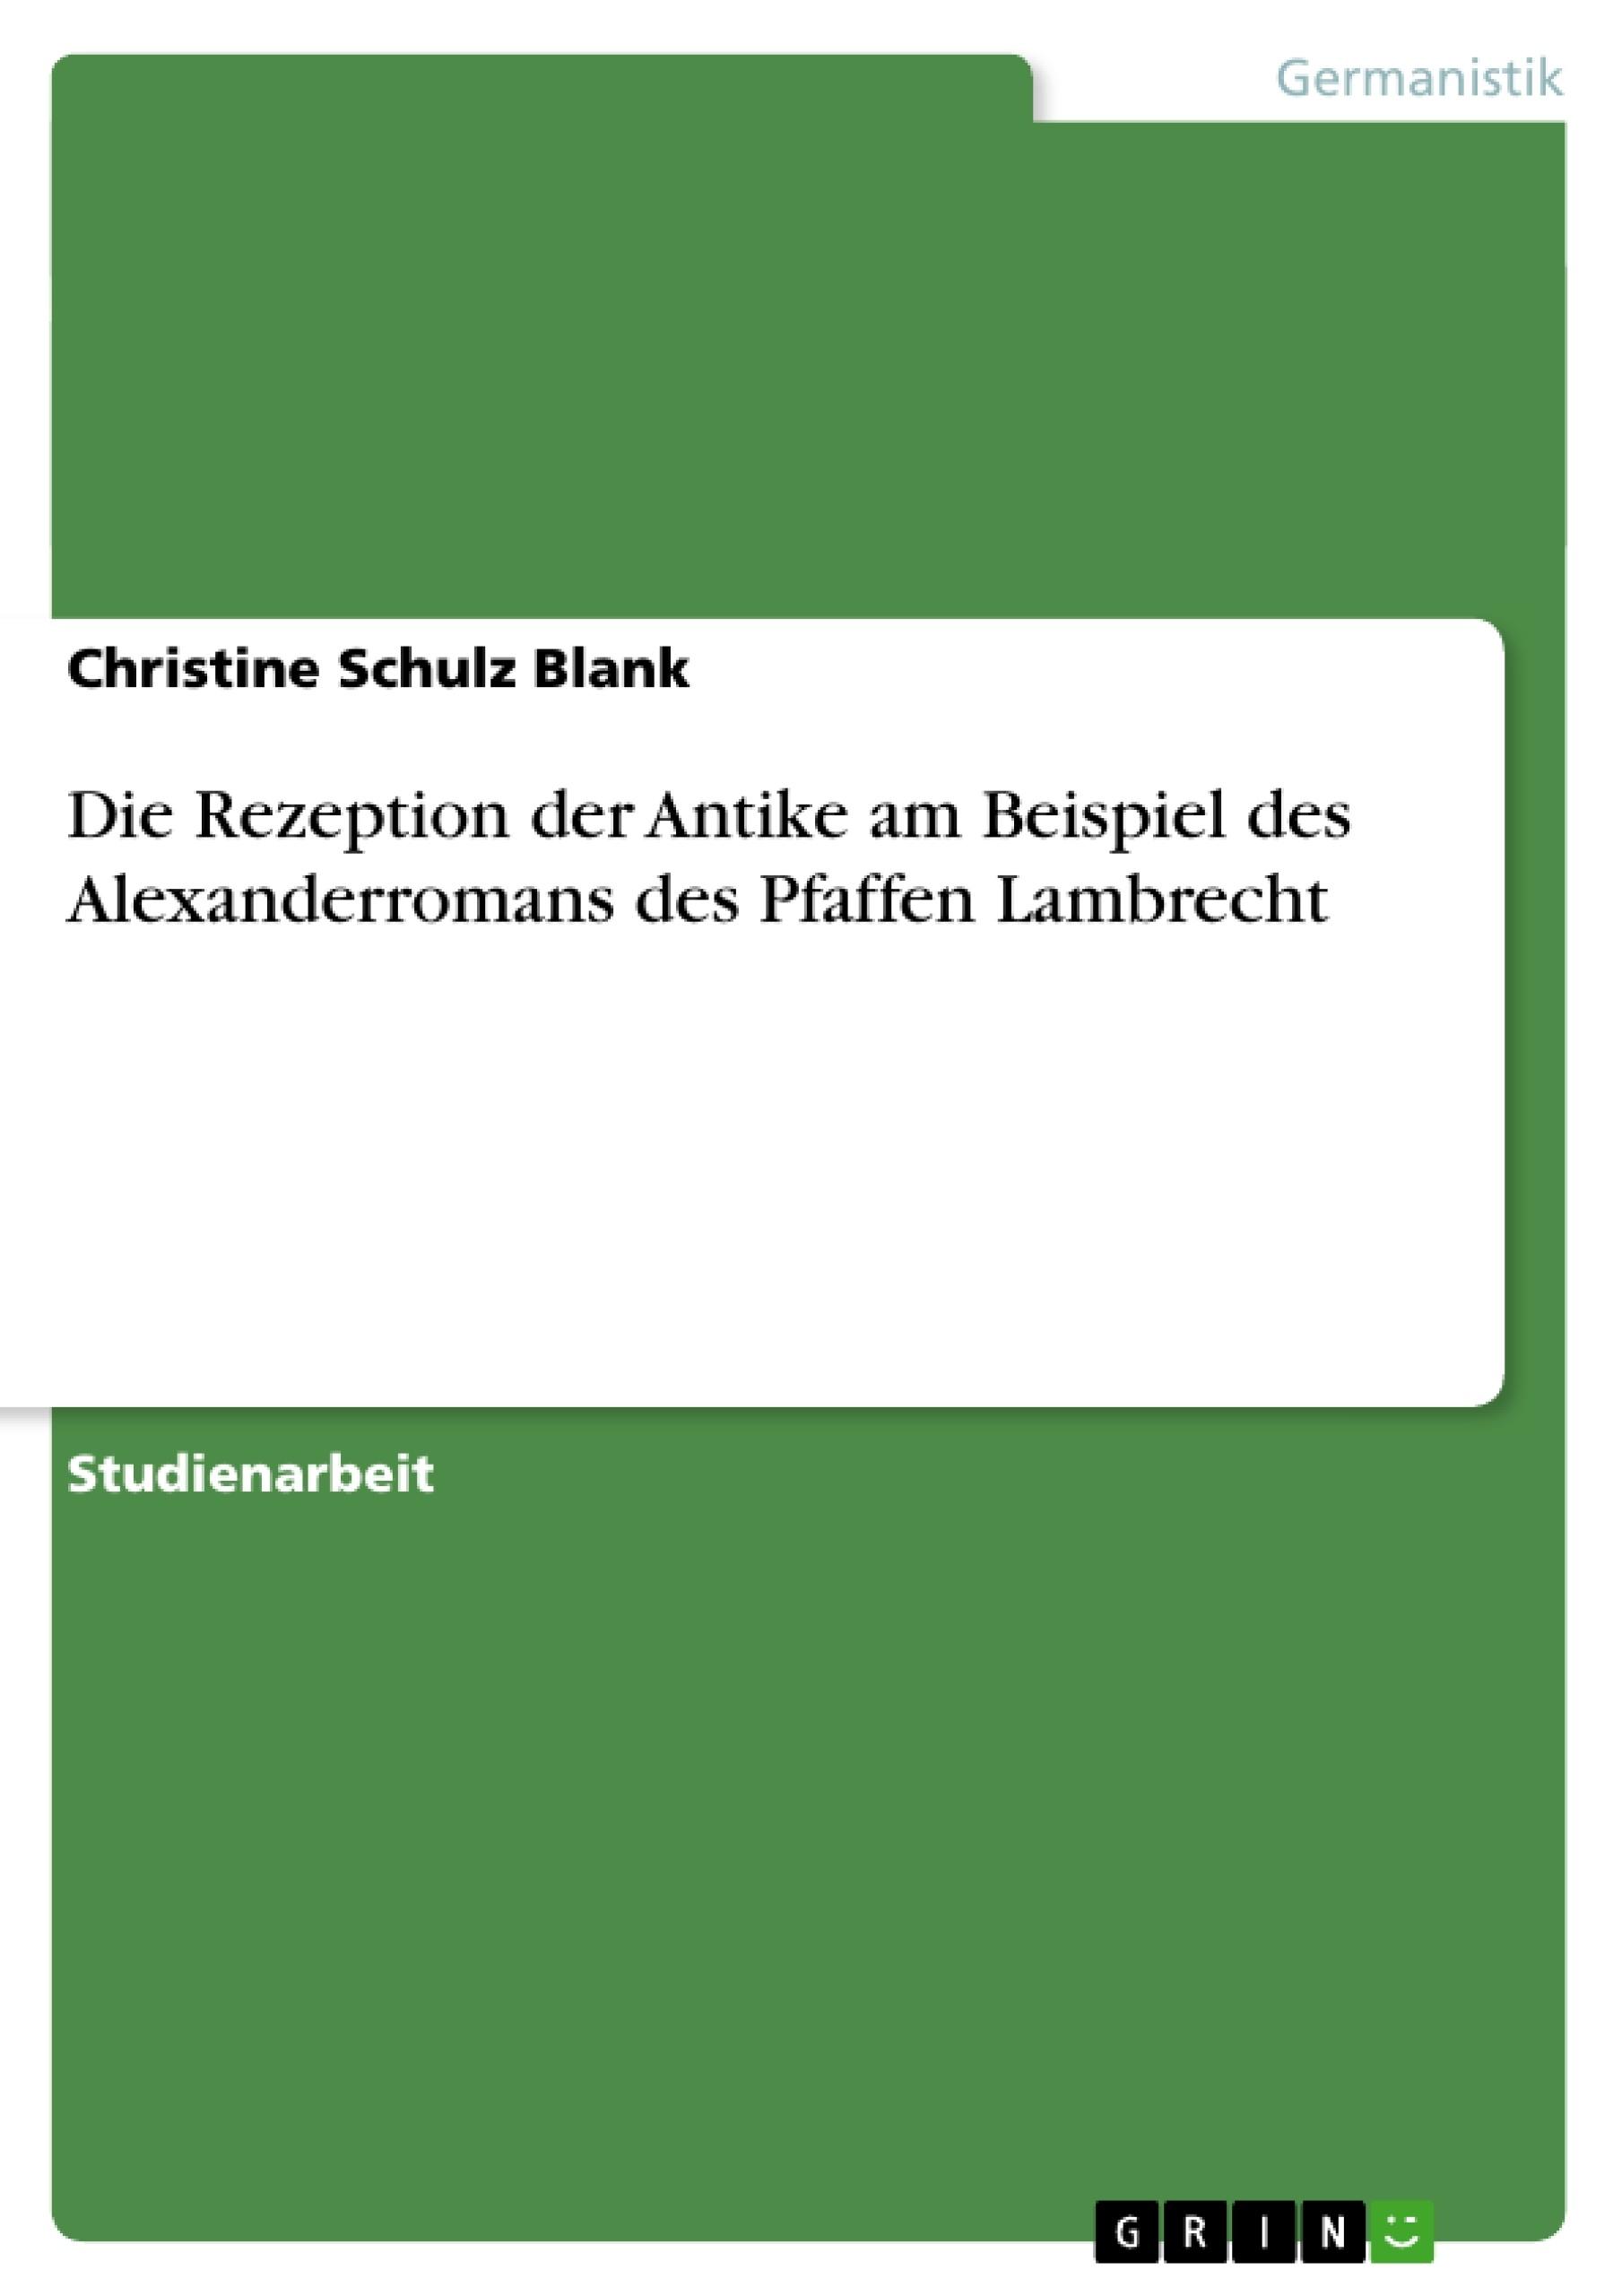 Titel: Die Rezeption der Antike am Beispiel des Alexanderromans des Pfaffen Lambrecht